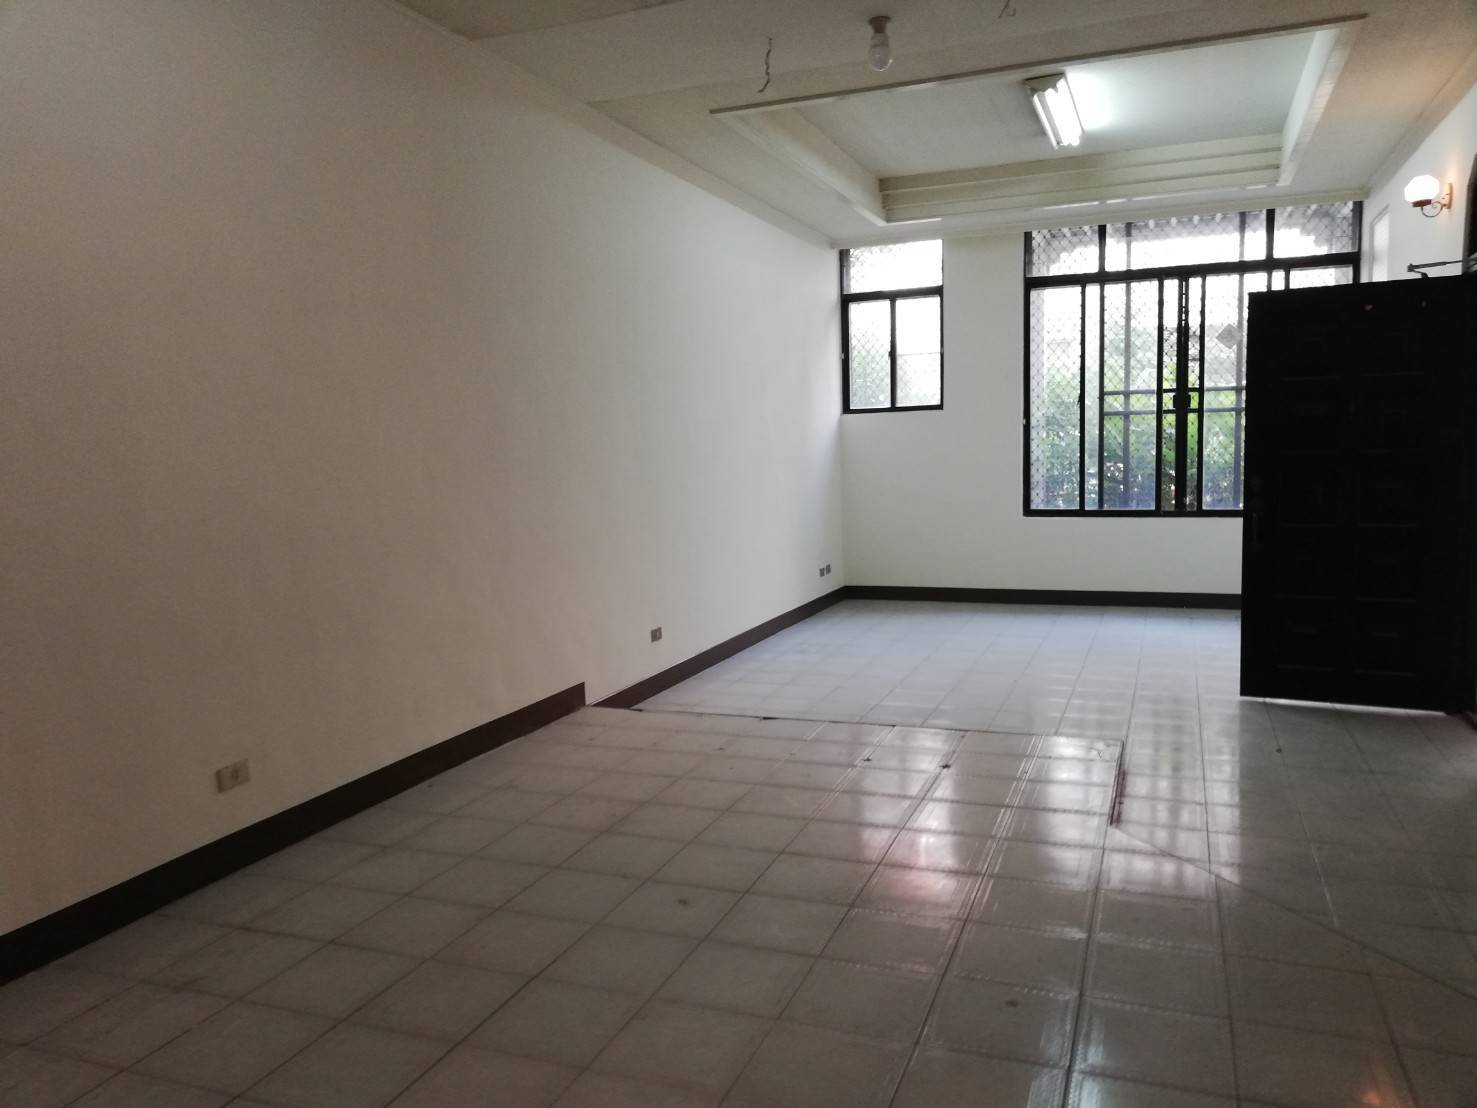 嘉義市東區興華中學別墅  有車庫孝親房鬧中取靜